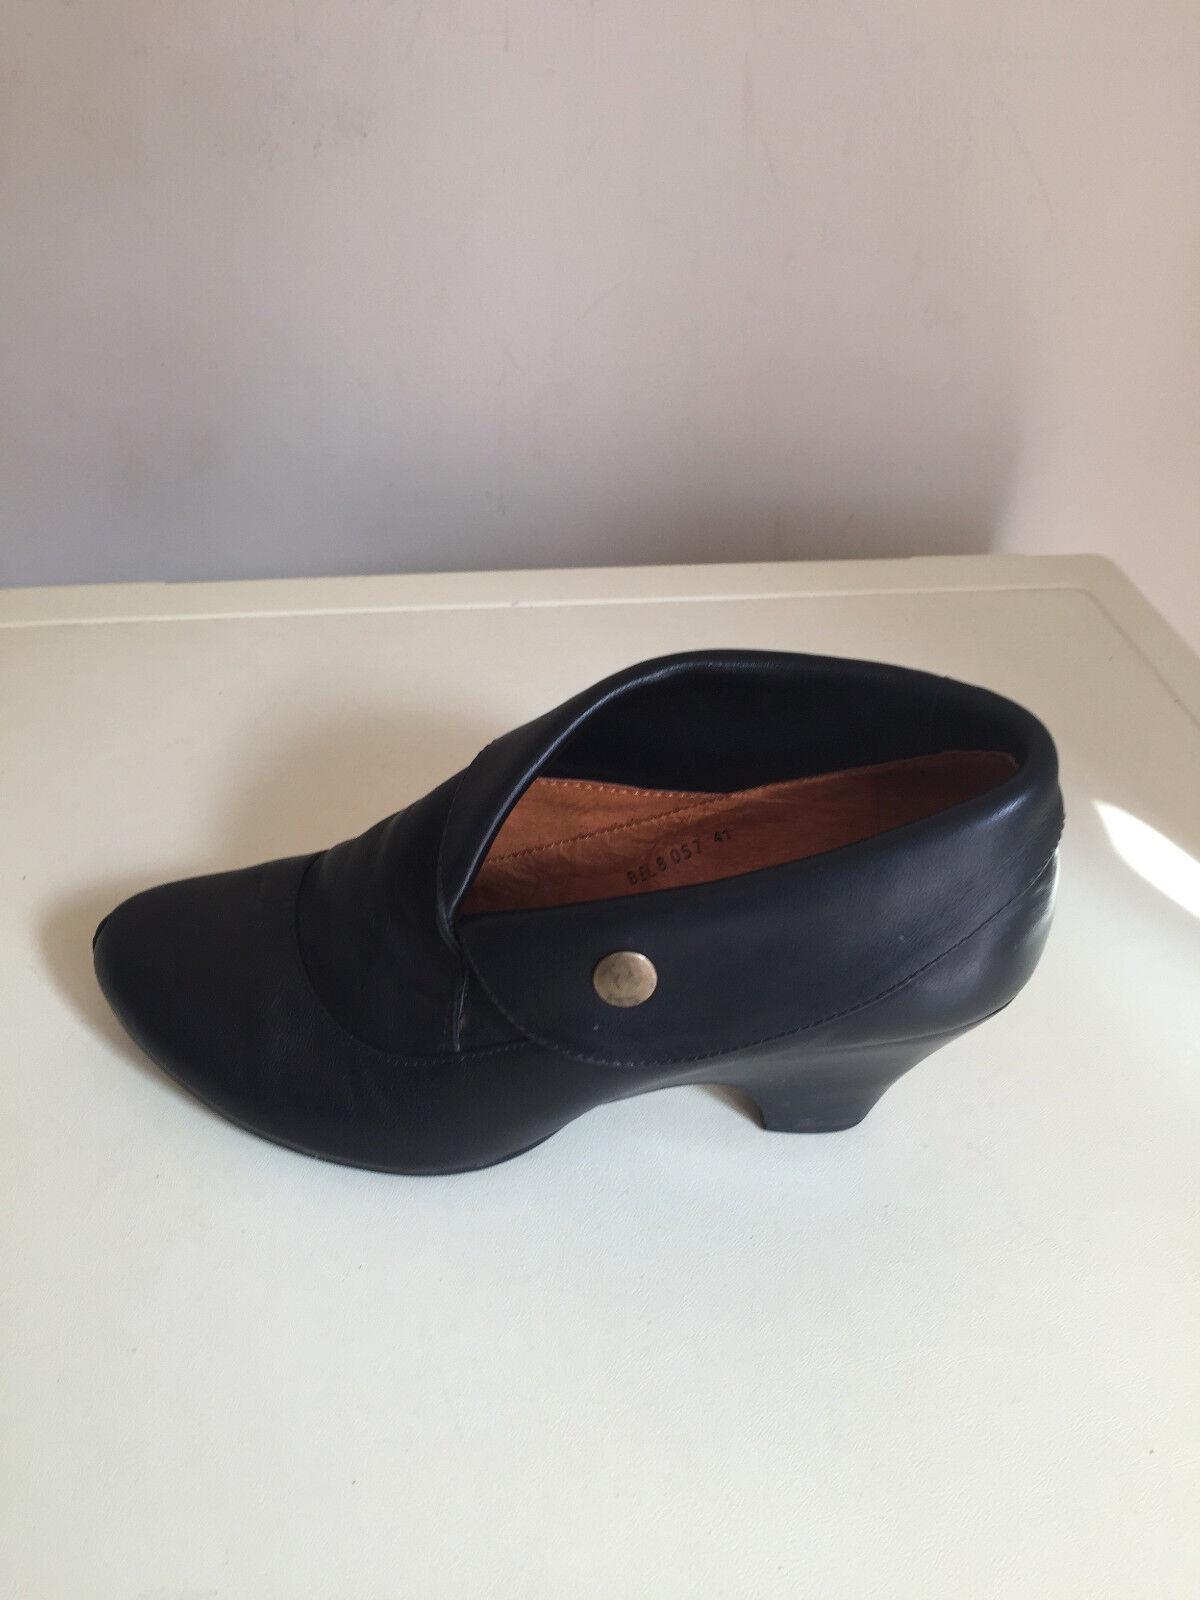 Mujeres Cuero Cuero Cuero Negro staccoto Tobillo botas Talla 41  barato y de alta calidad